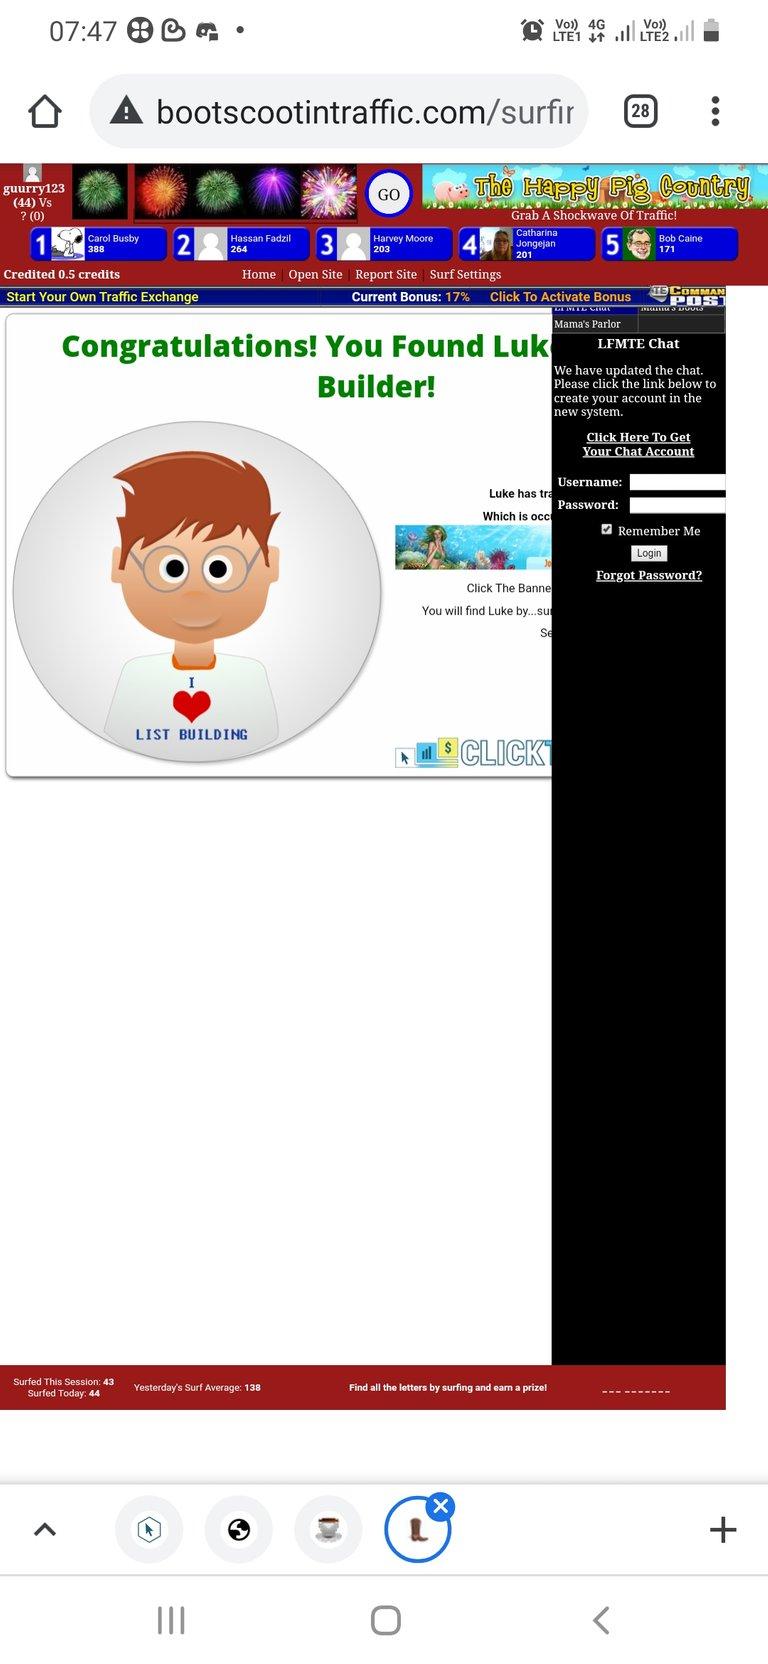 screenshot_20210713_074713_chrome.jpg